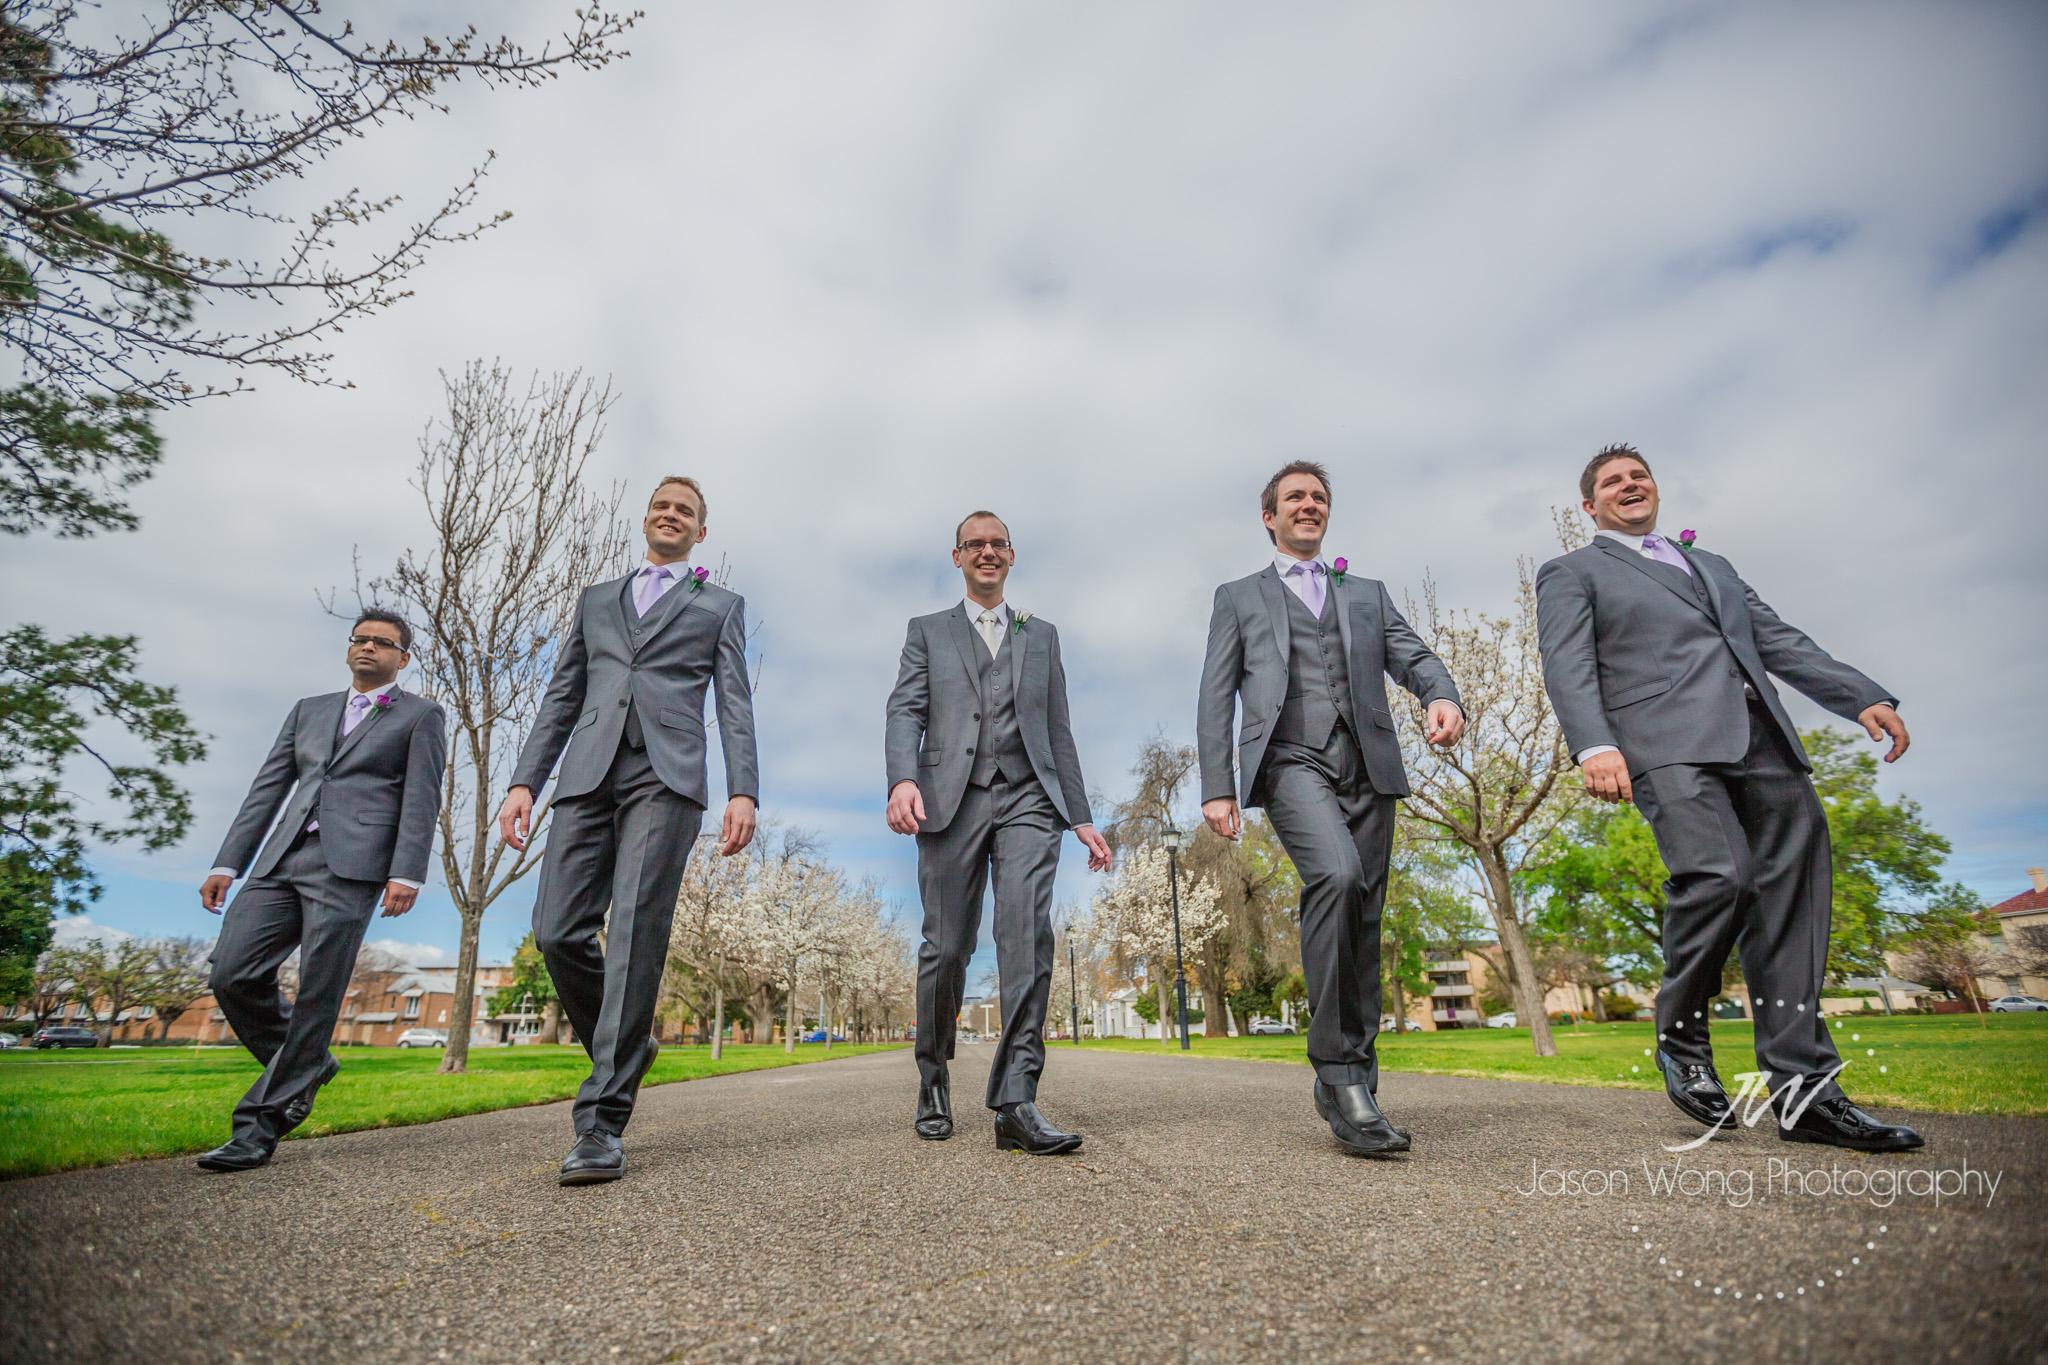 groom-and-groomsmen-walk-in-garden.jpg